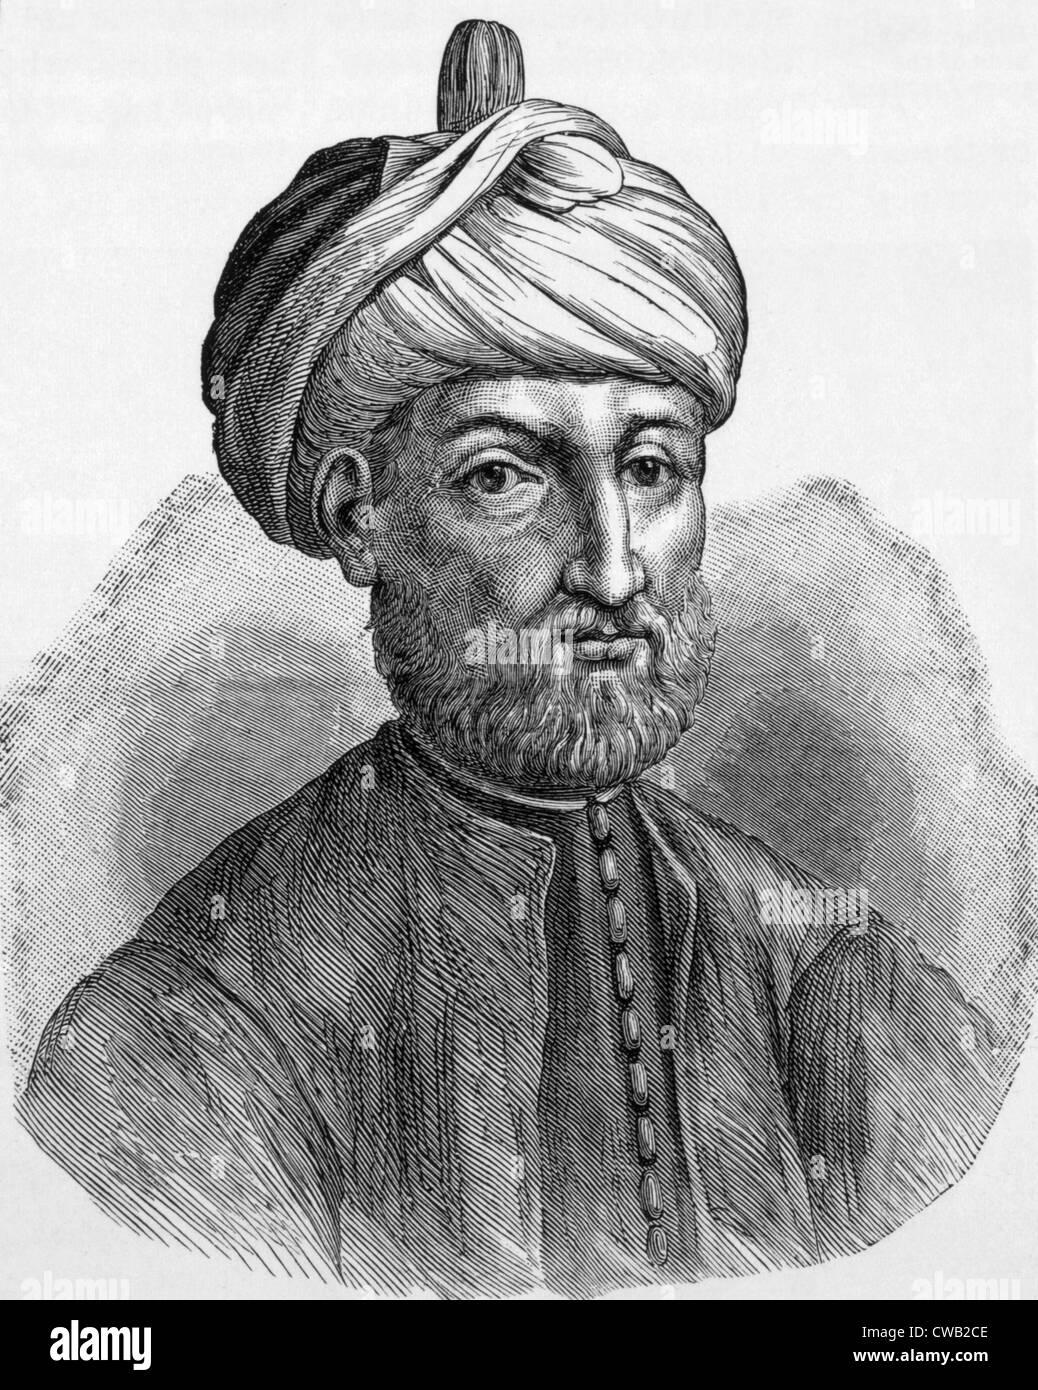 Muhammad il profeta dell'Islam (ca. 570-632 d.C.), incisione da 'vita del Profeta da Sieur de Reyr, 1812 Immagini Stock